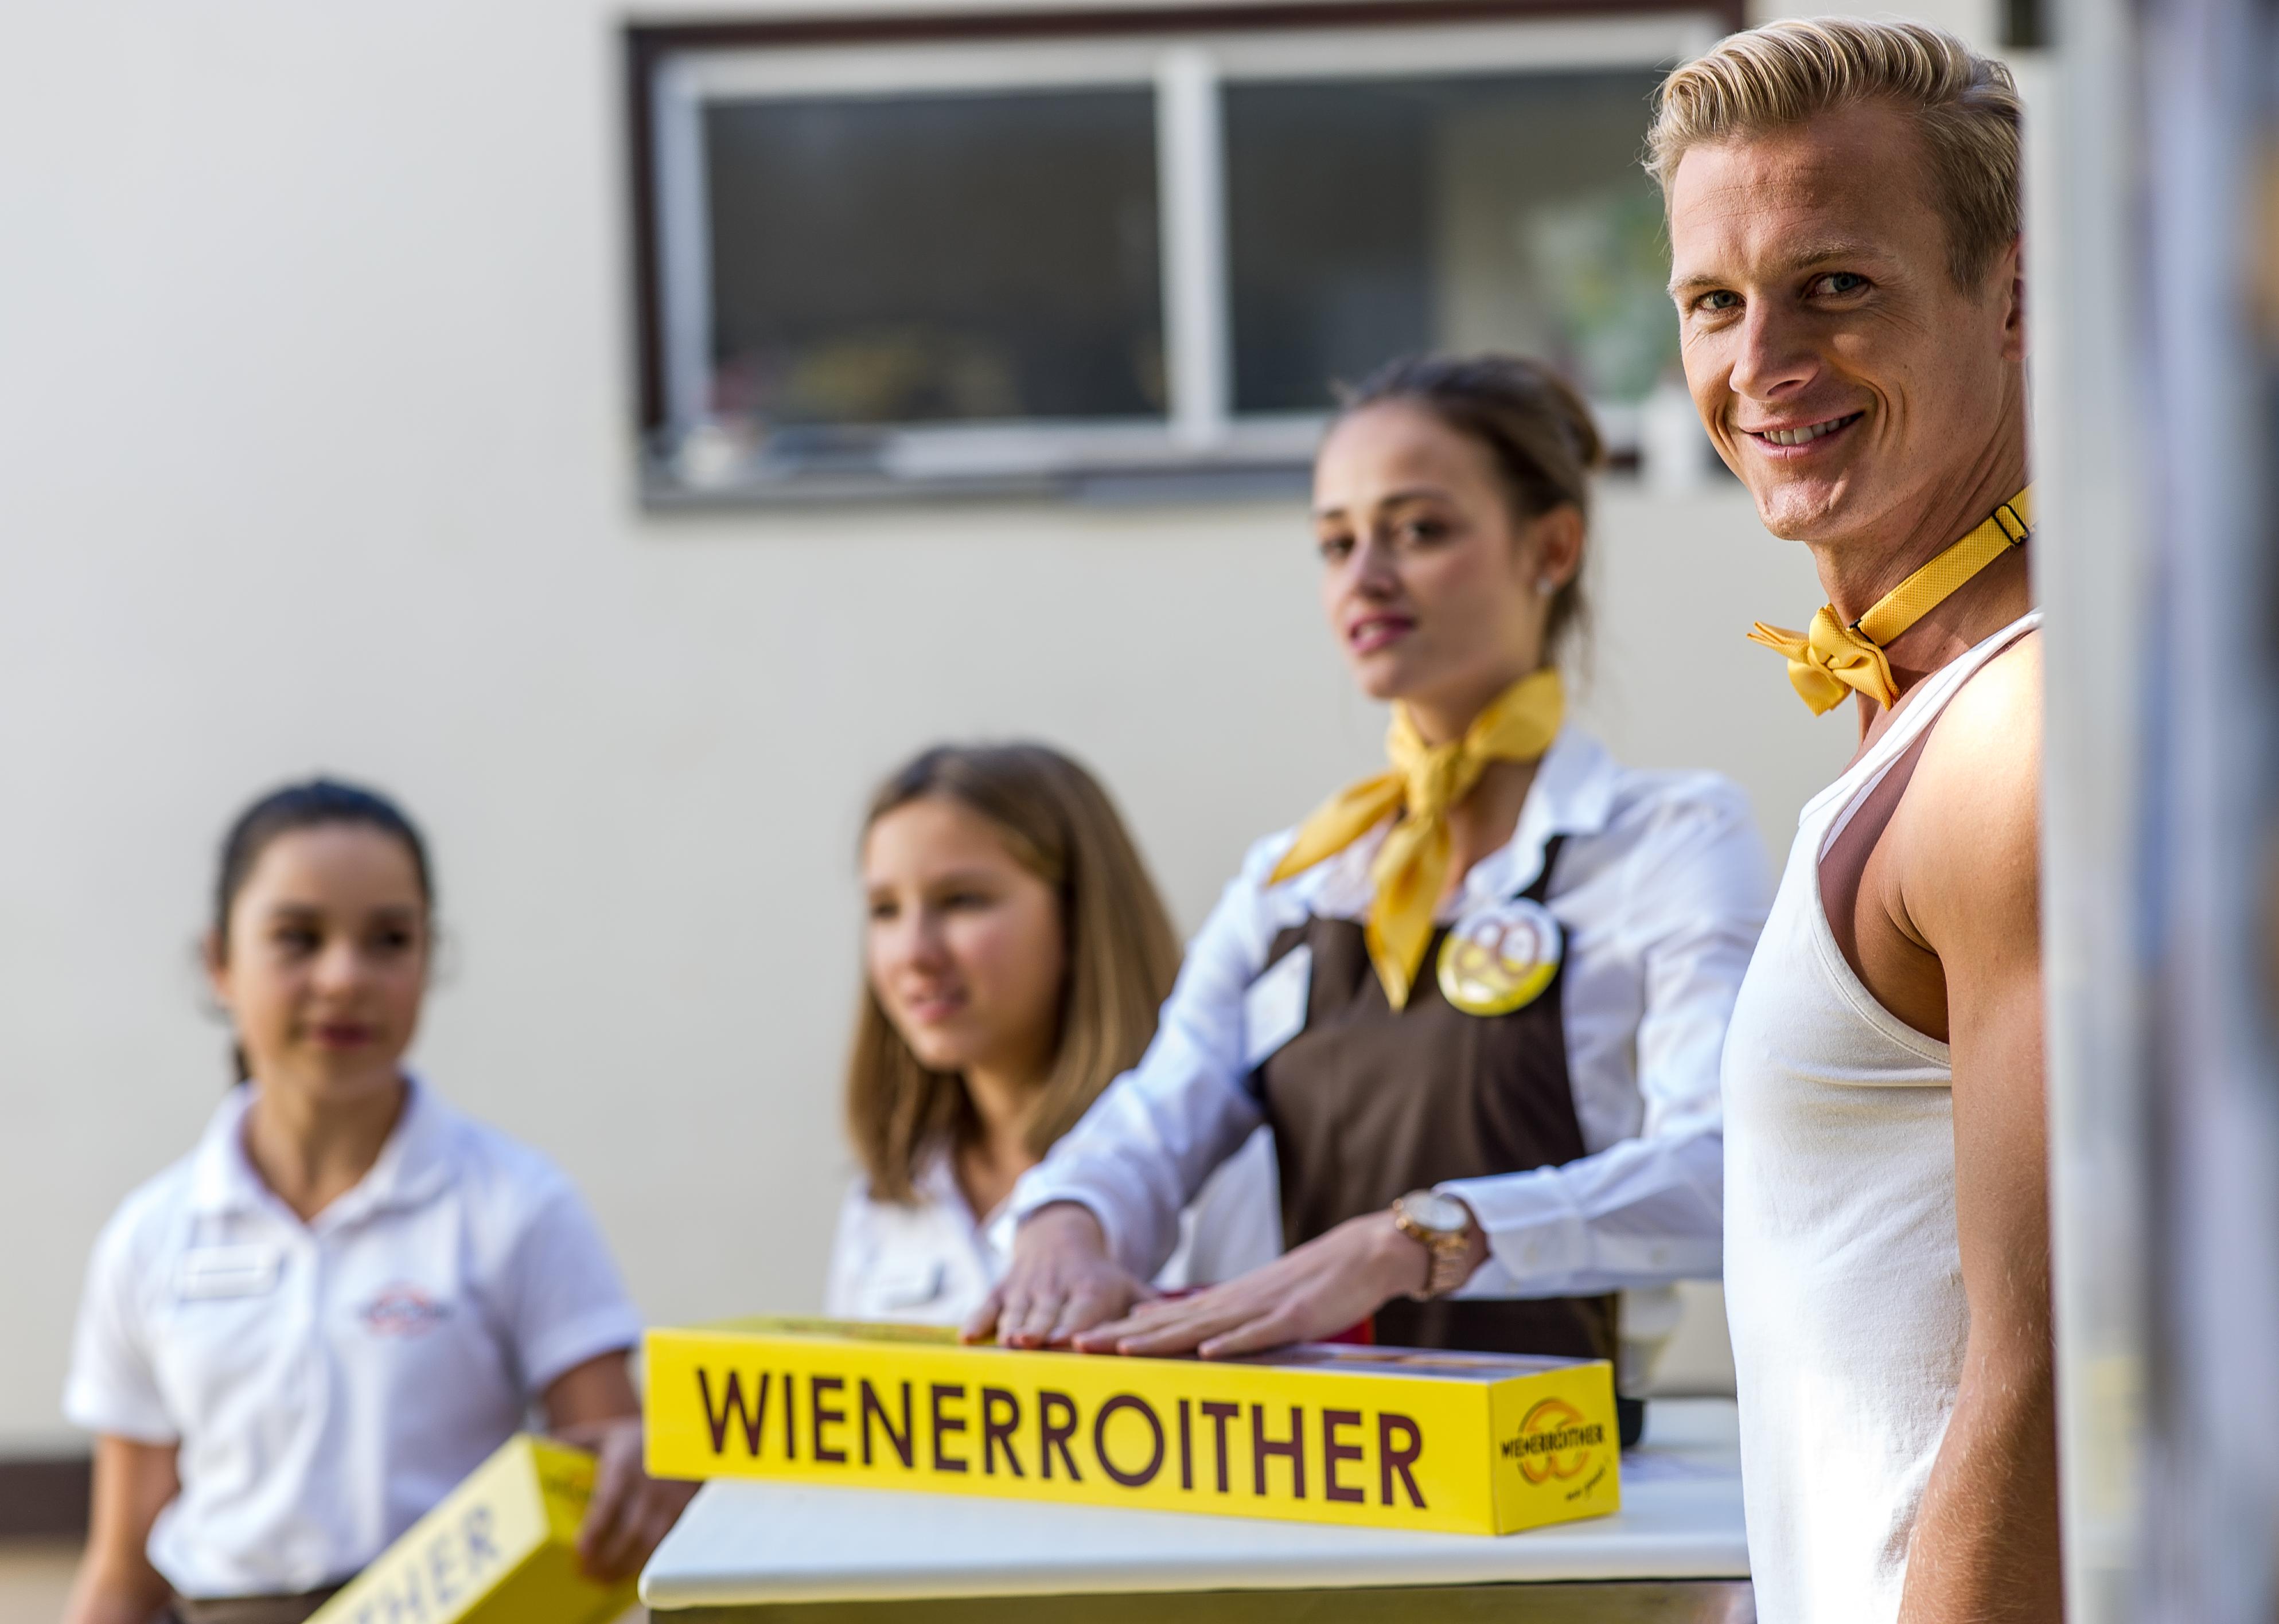 Wienerroither 80 - #4